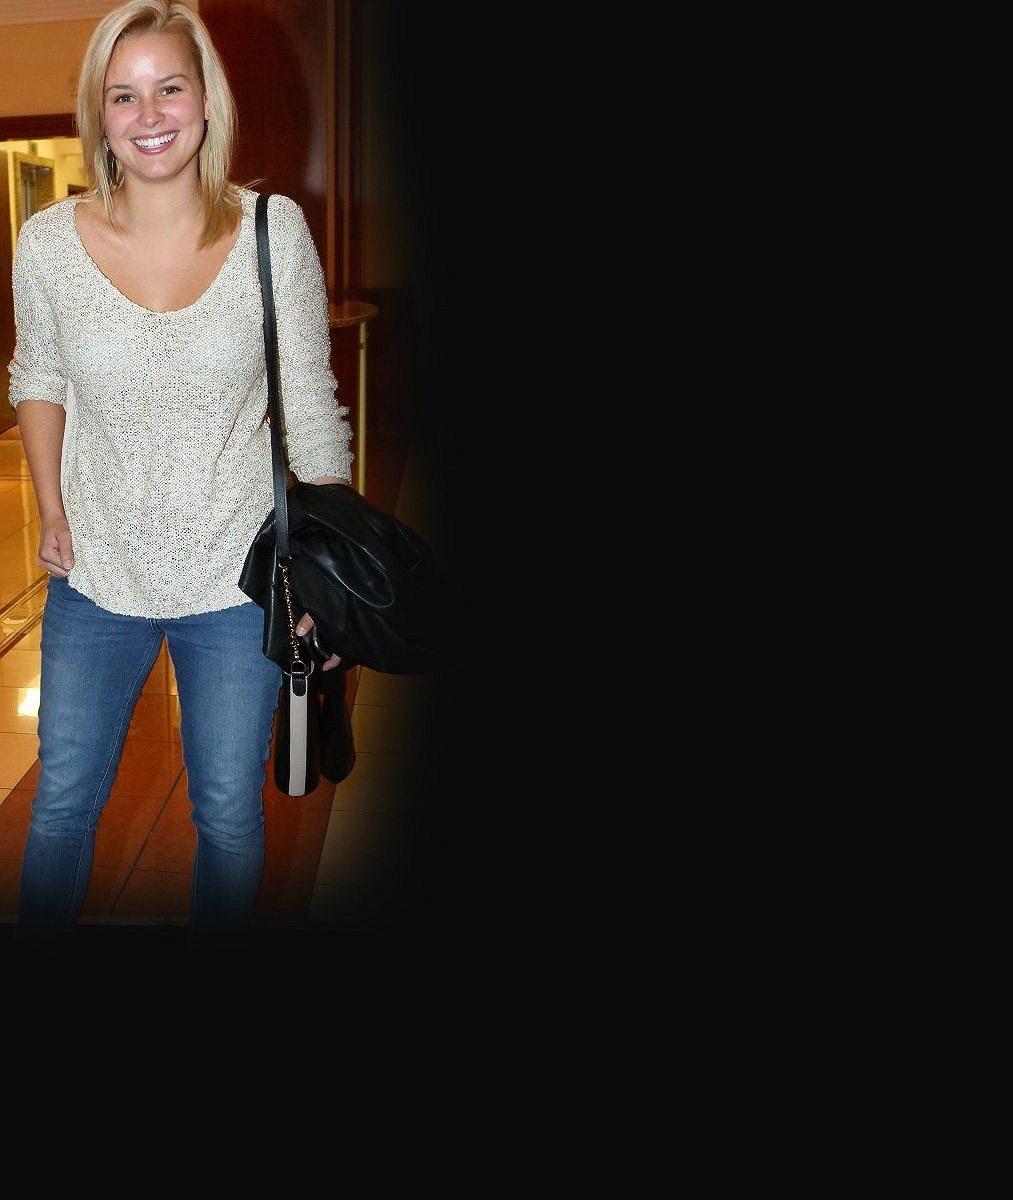 Patricie Solaříková s přítelem muzikantem vybírali doplňky do bytu: Chtějí nábytek z vodovodních trubek